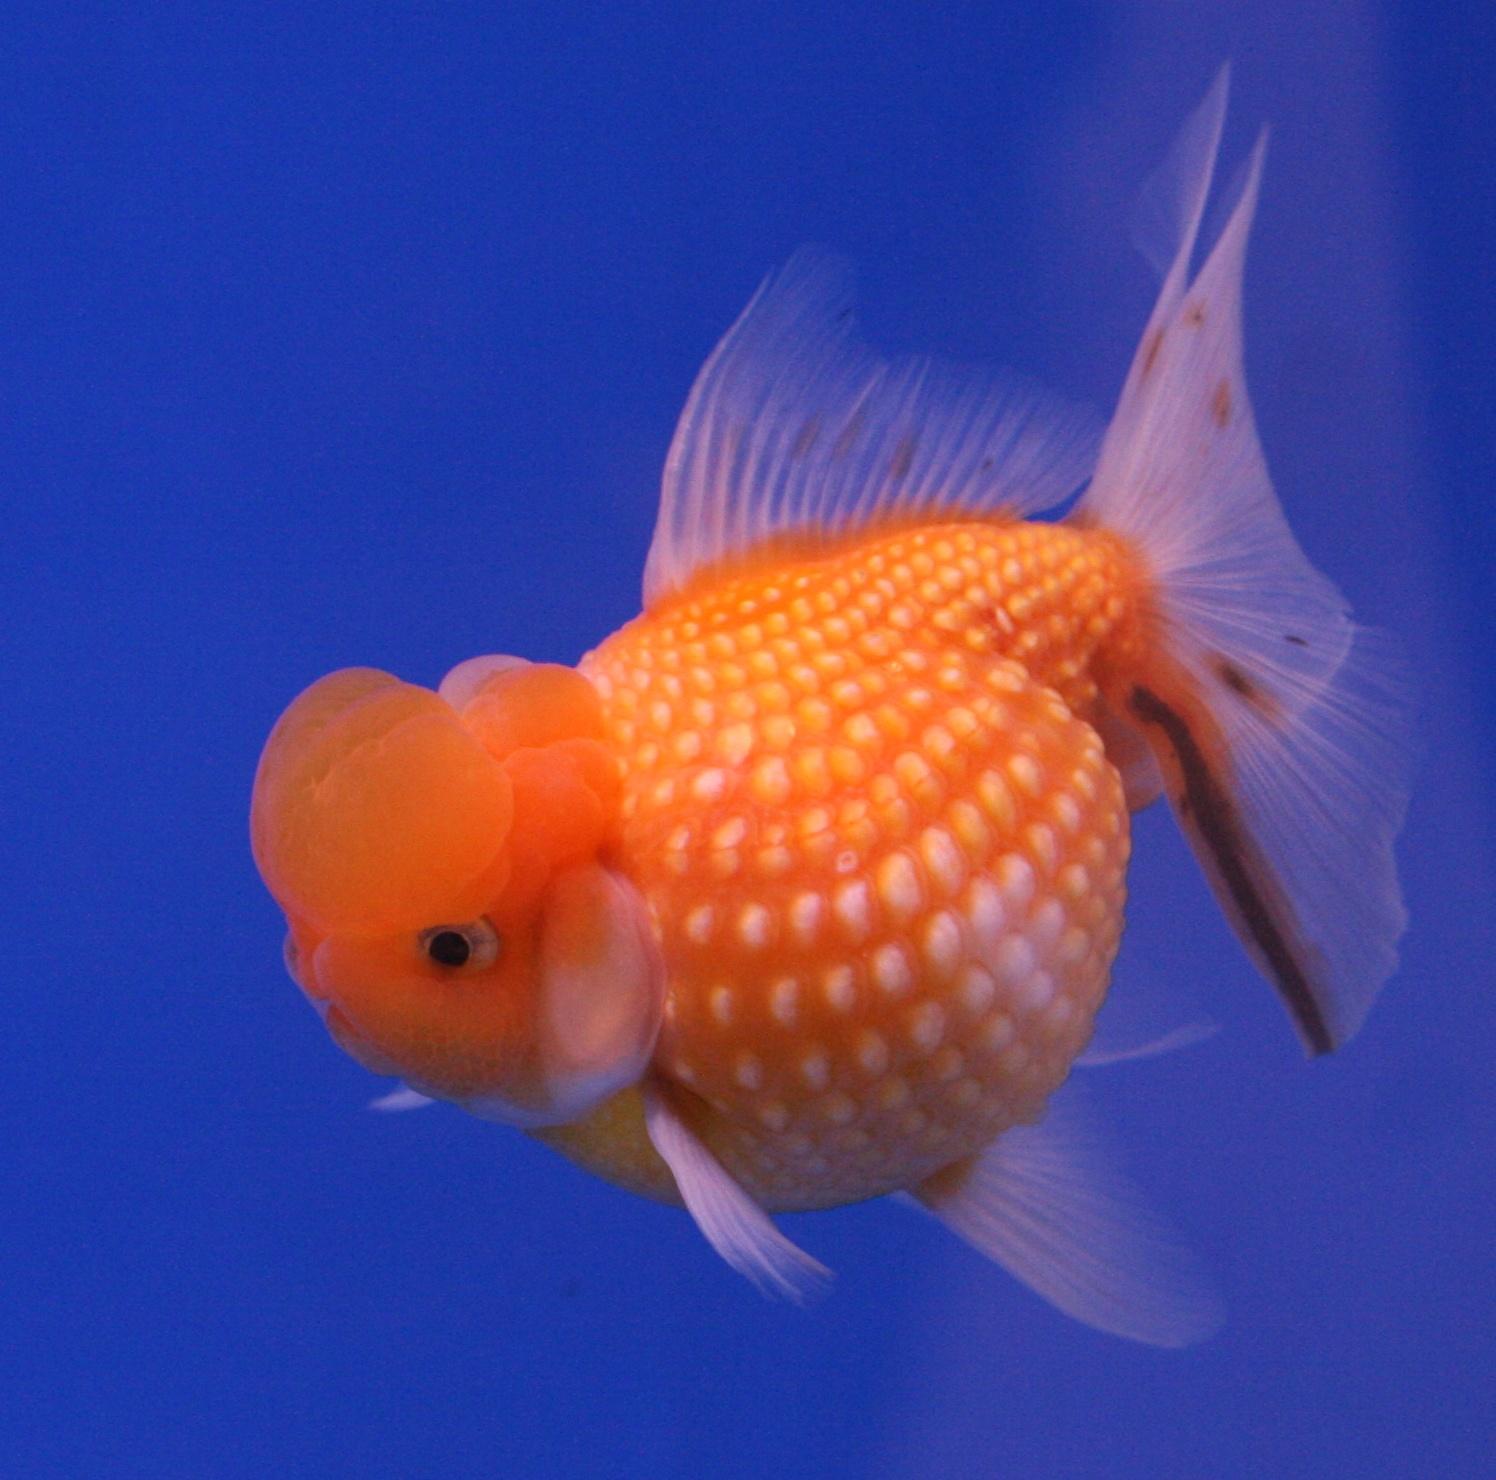 Peces y plantas ornamentales carassius auratus goldfish for Enfermedades de peces goldfish